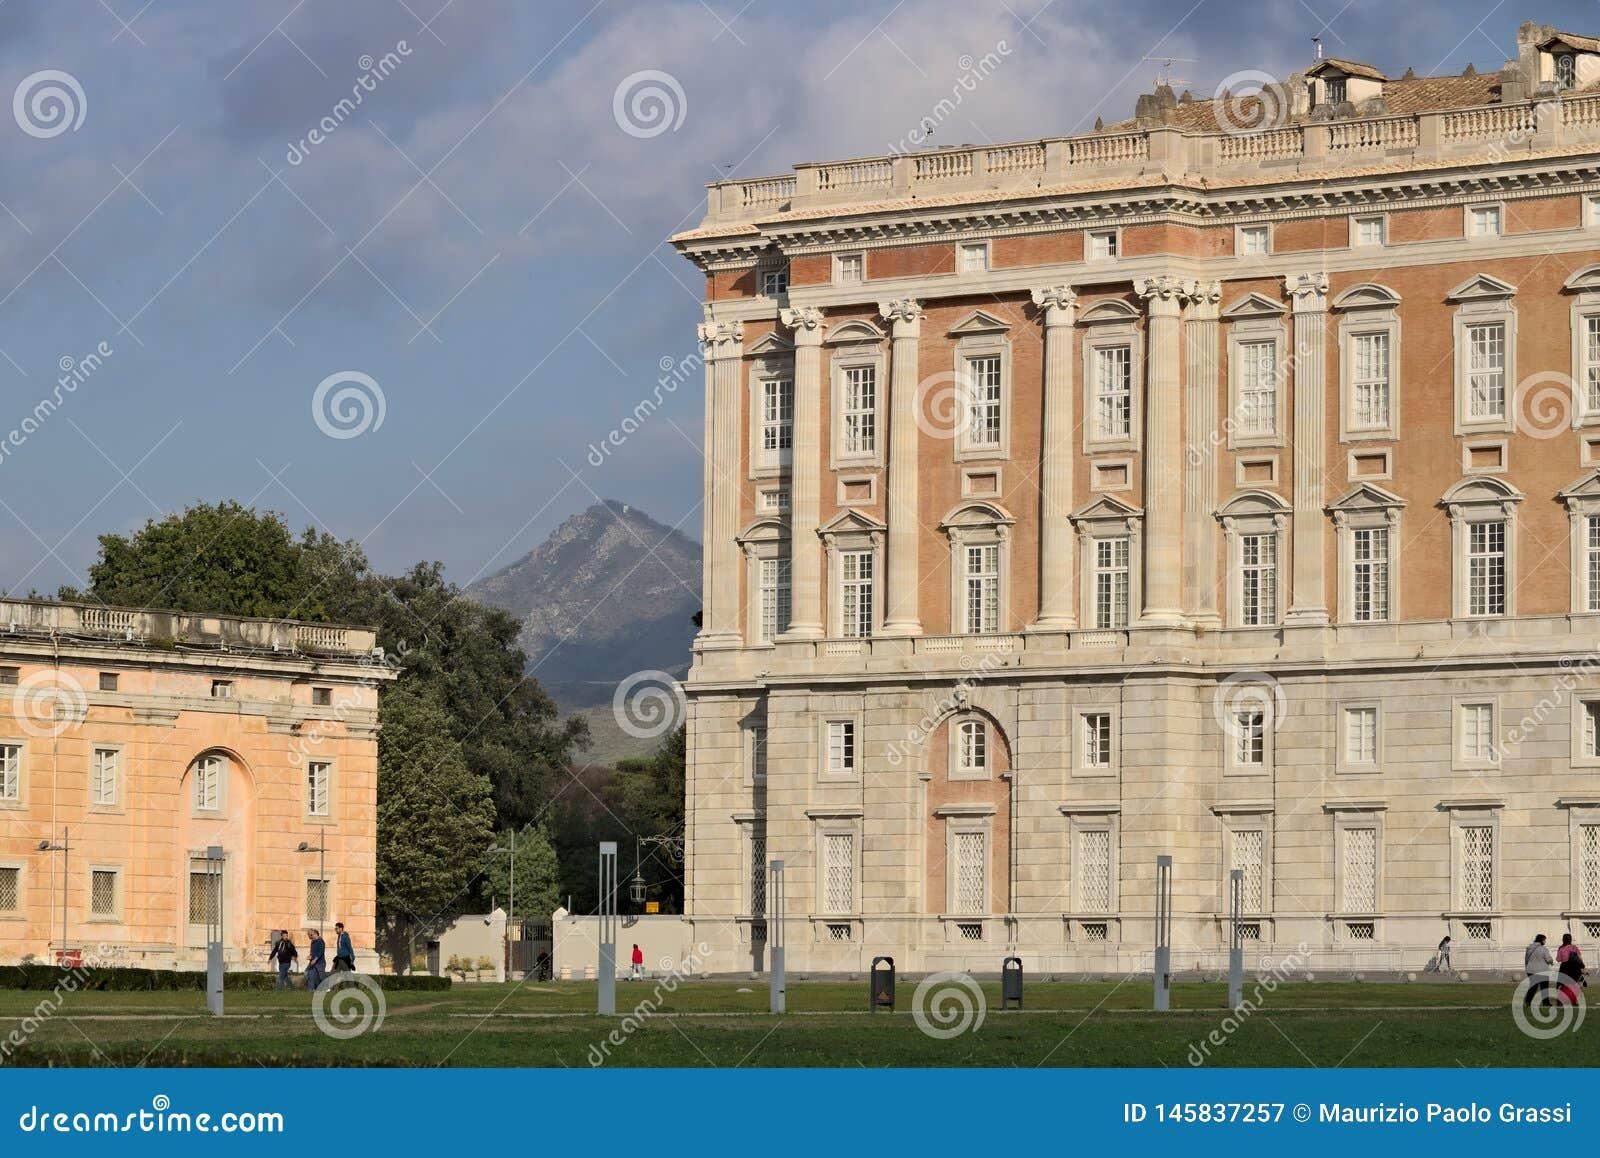 卡塞尔塔,意大利 27/10/2018 卡塞尔塔意大利奥斯陆王宫的主要外在门面  设计由建筑师路易